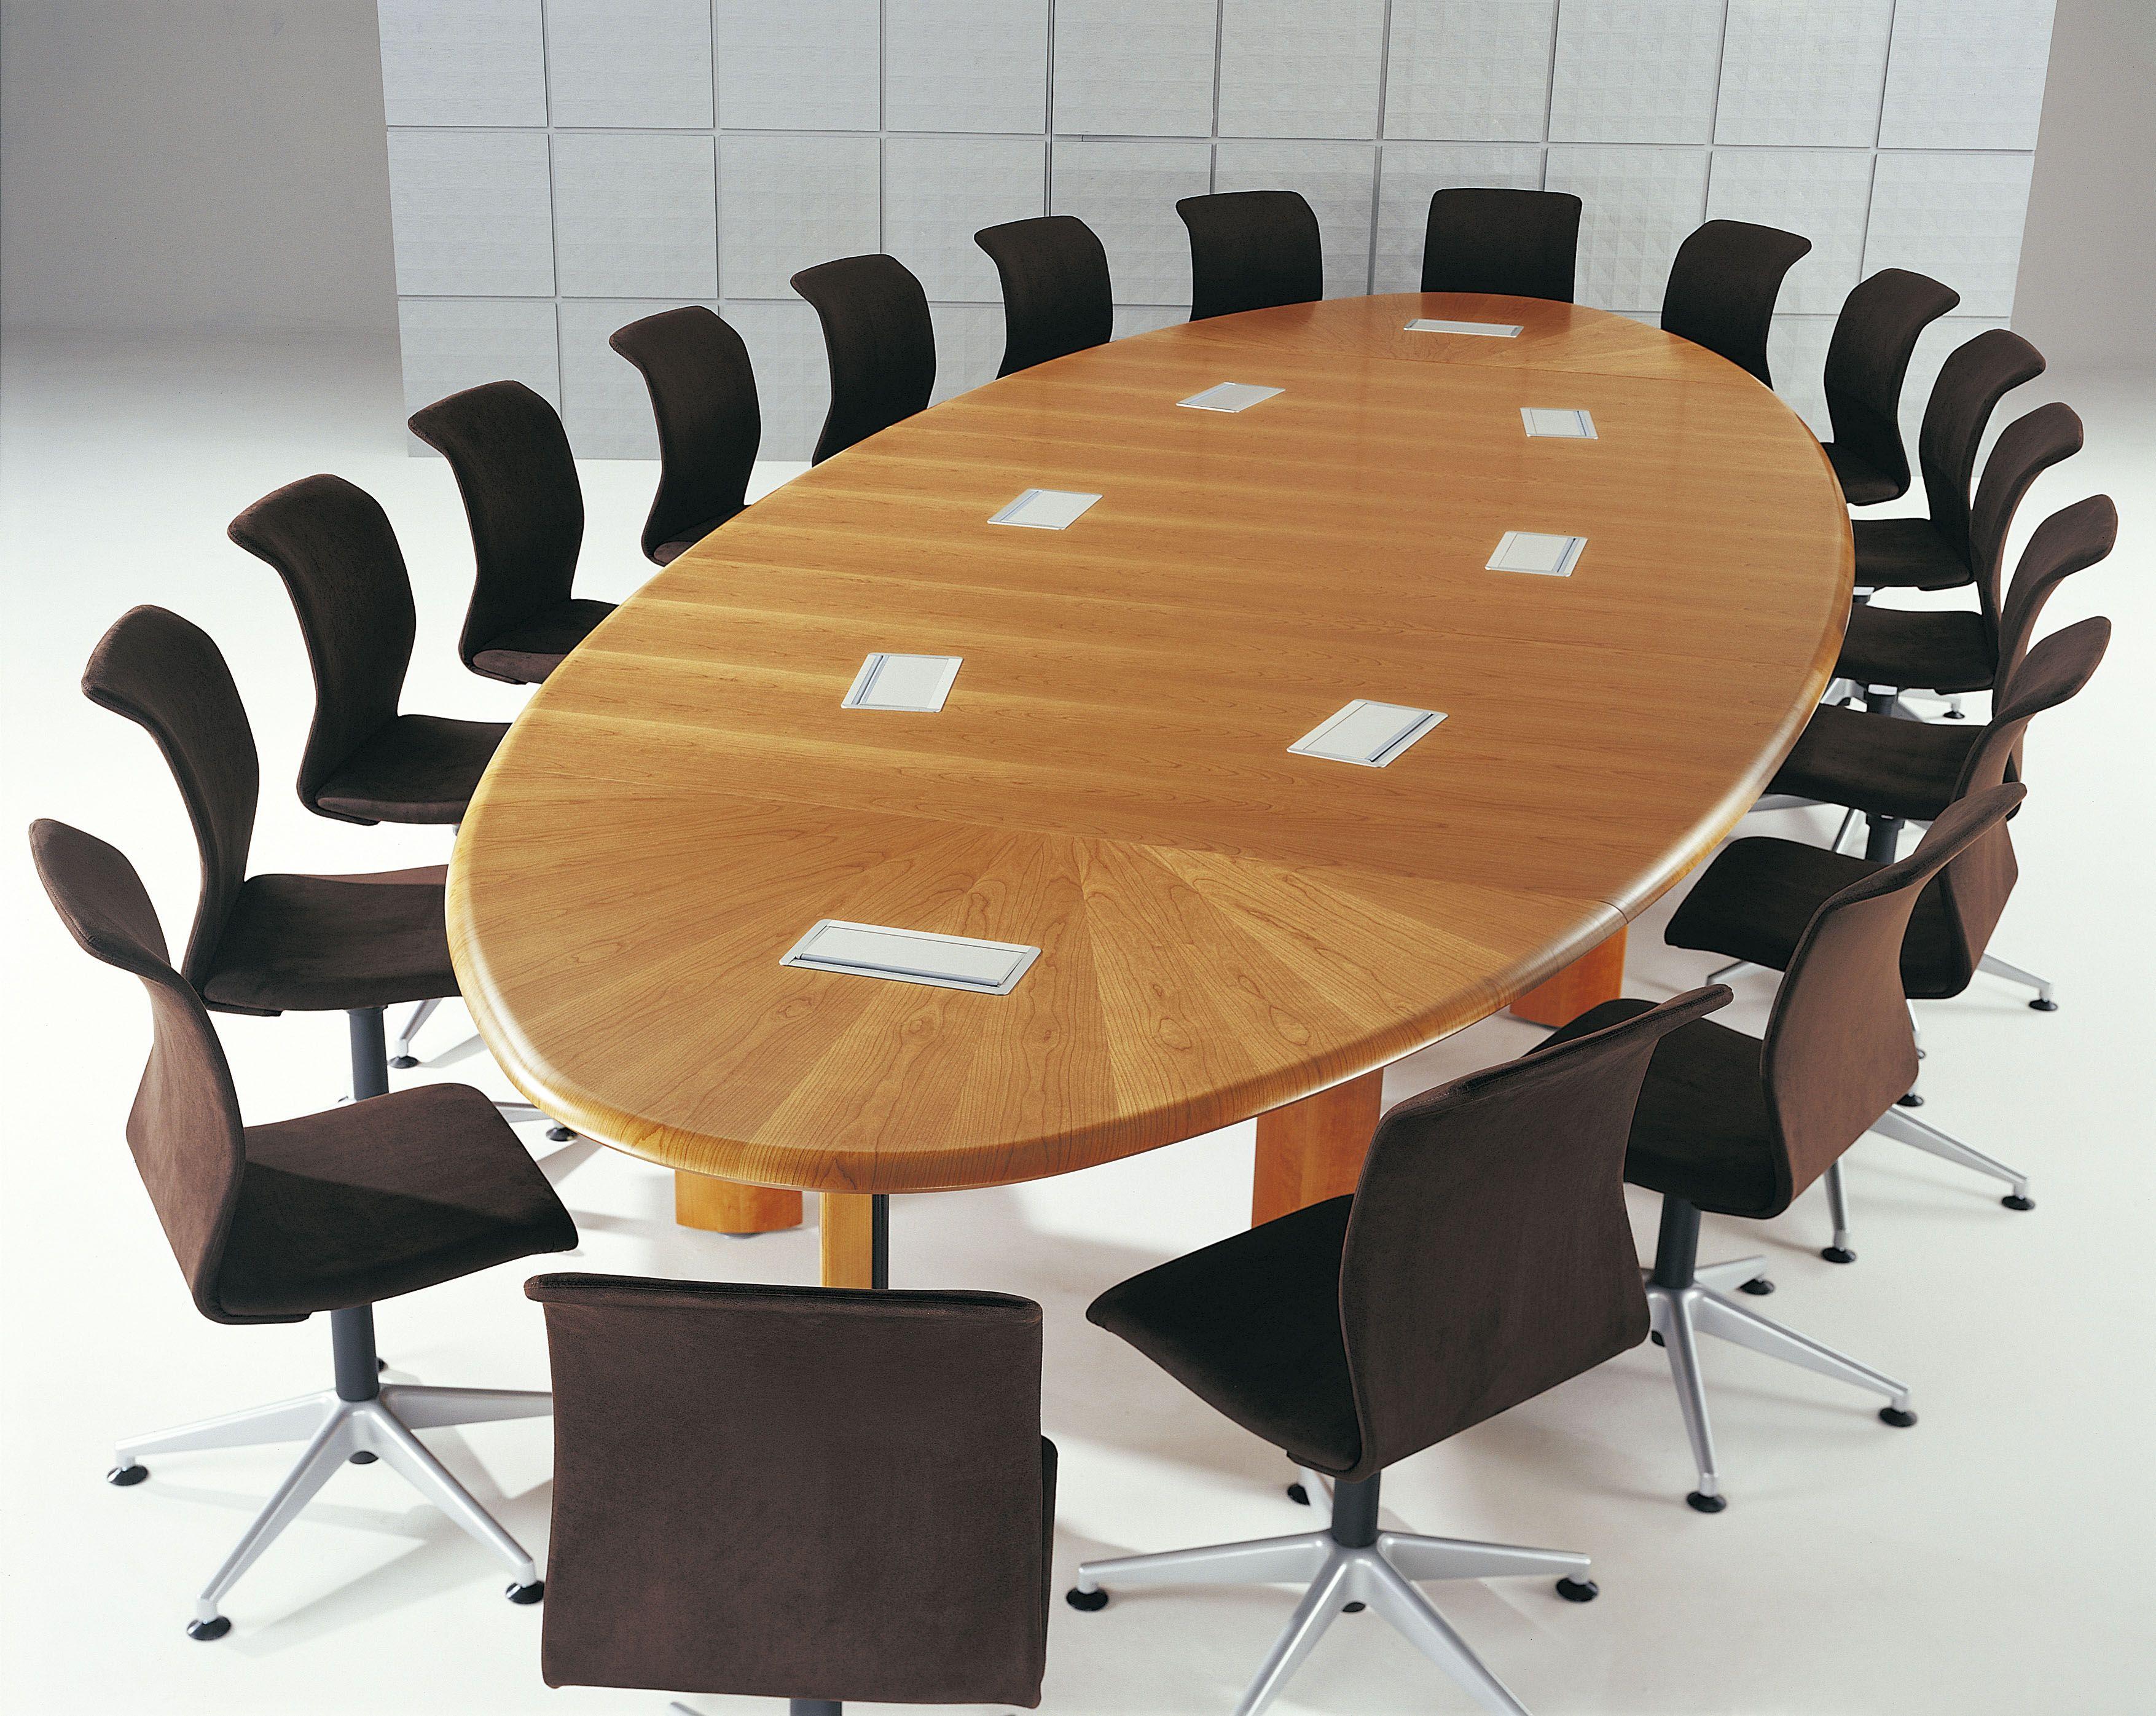 Table de runion elliptique 20 personnes chne avec top